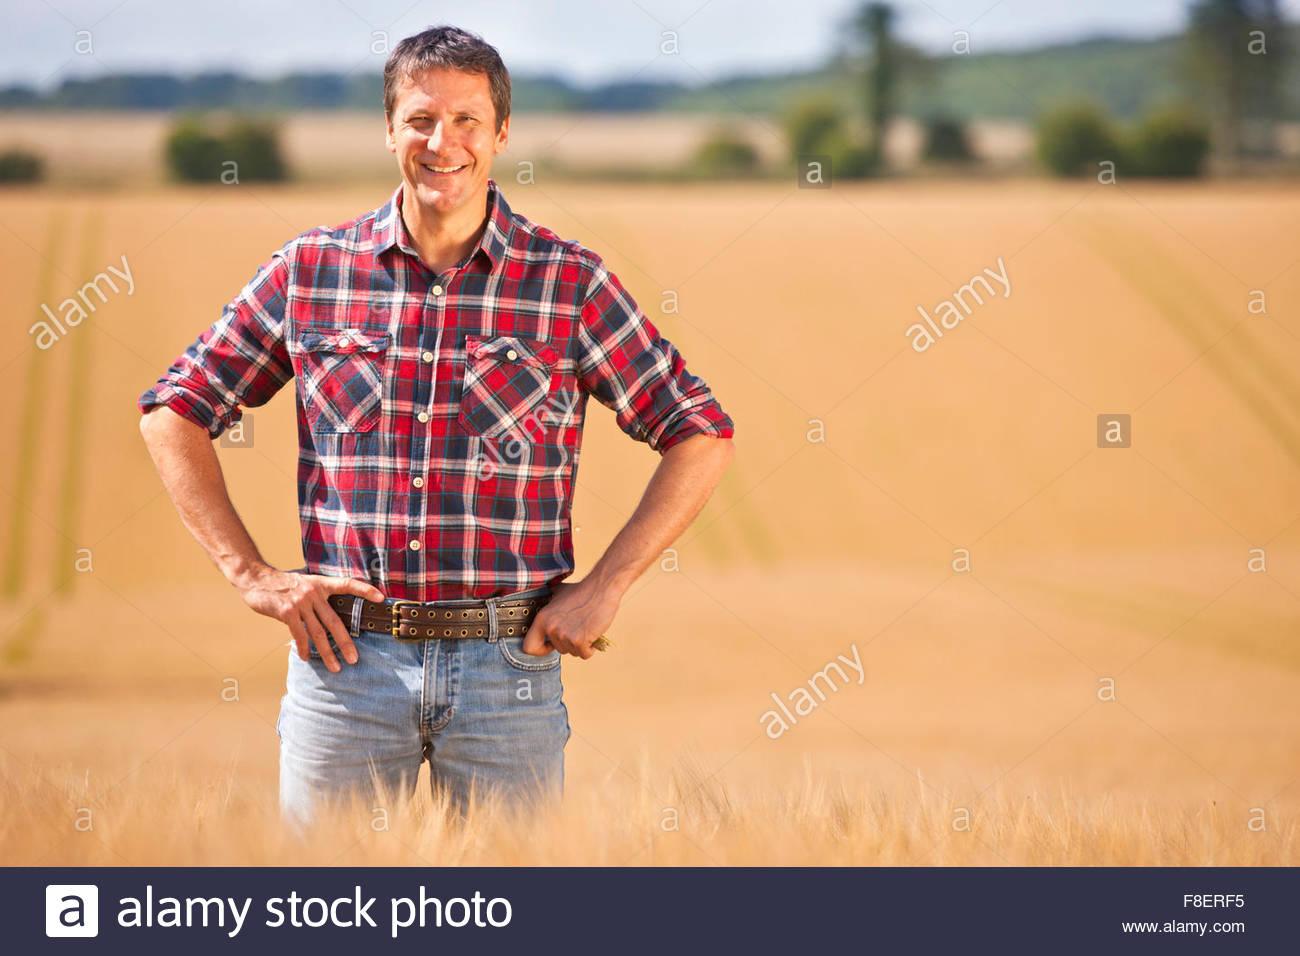 Retrato seguro campesino con las manos en las caderas en un soleado día de campo de cultivos de cebada rural Imagen De Stock